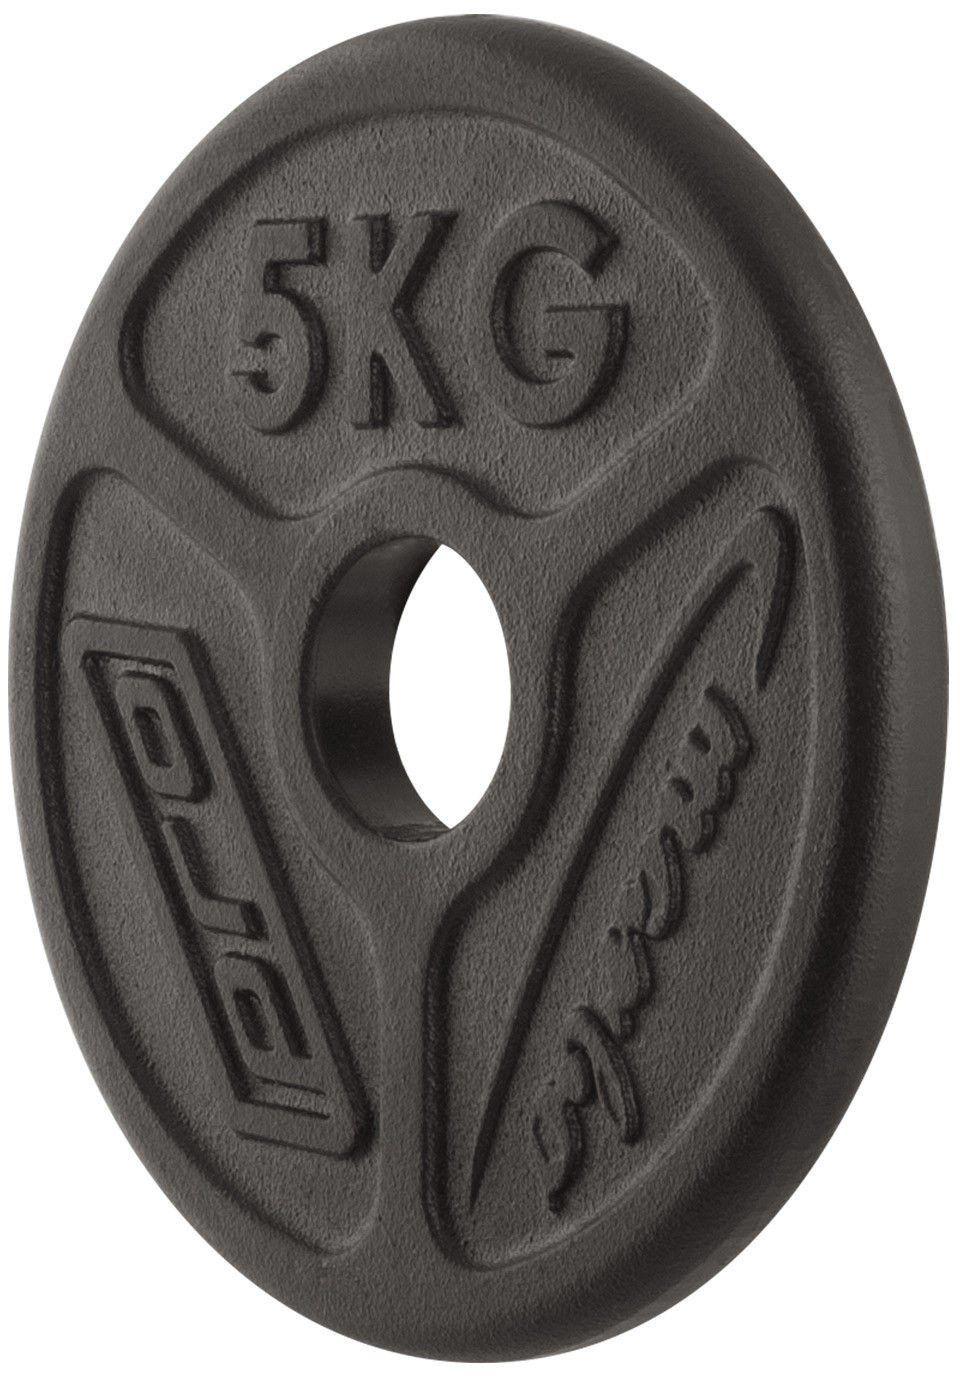 Obciążenie olimpijskie żeliwne 5kg MW-O5-OLI - Marbo Sport